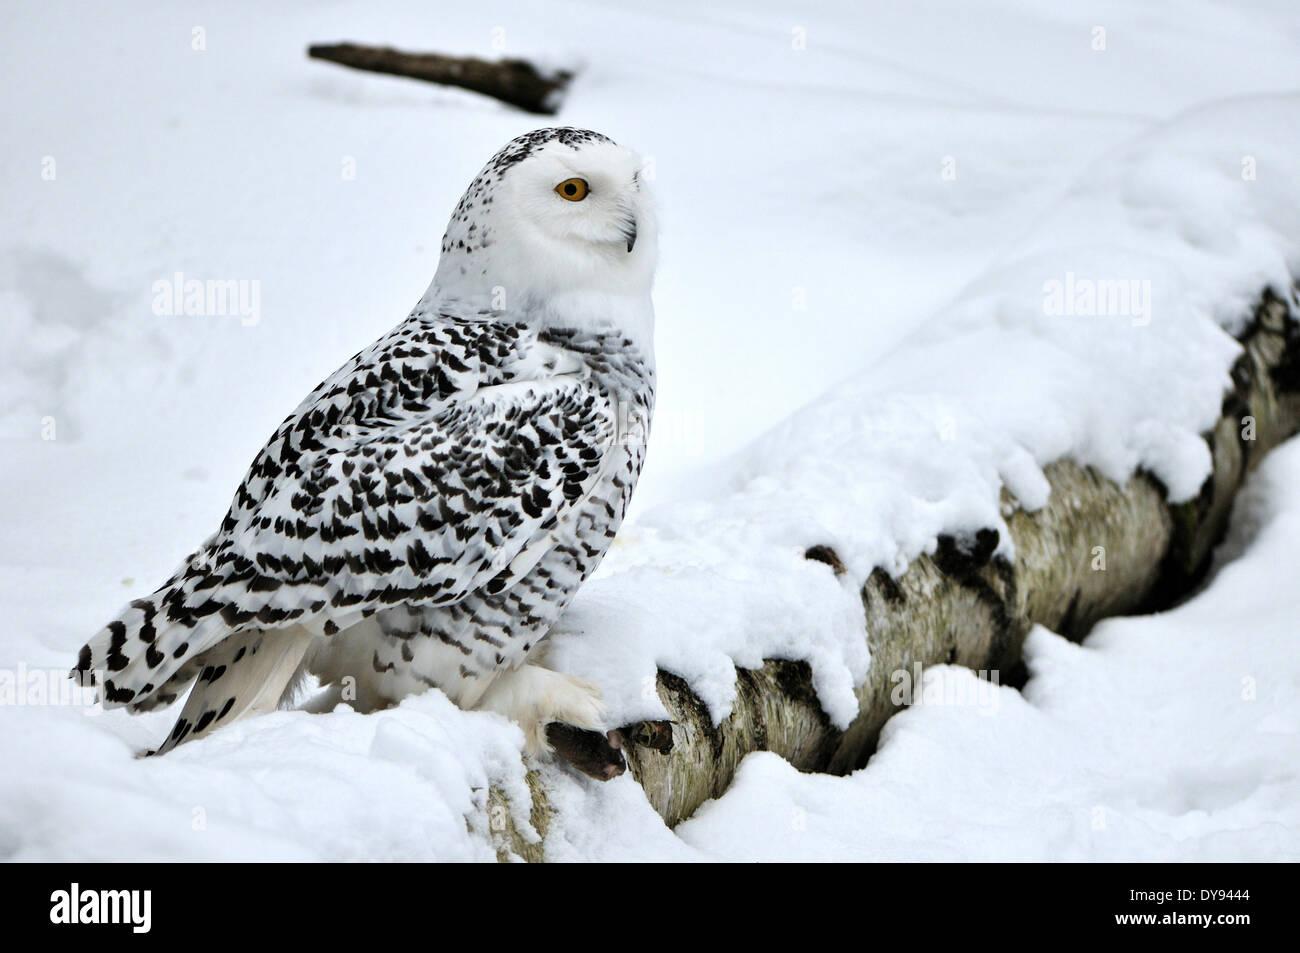 Schneeeule arktischen Owl Eule Eulen Nyctea Scandiaca Nacht Vögel Vögel Vogel Raptor Raubvogel Tier Deutschland Europa, Stockbild